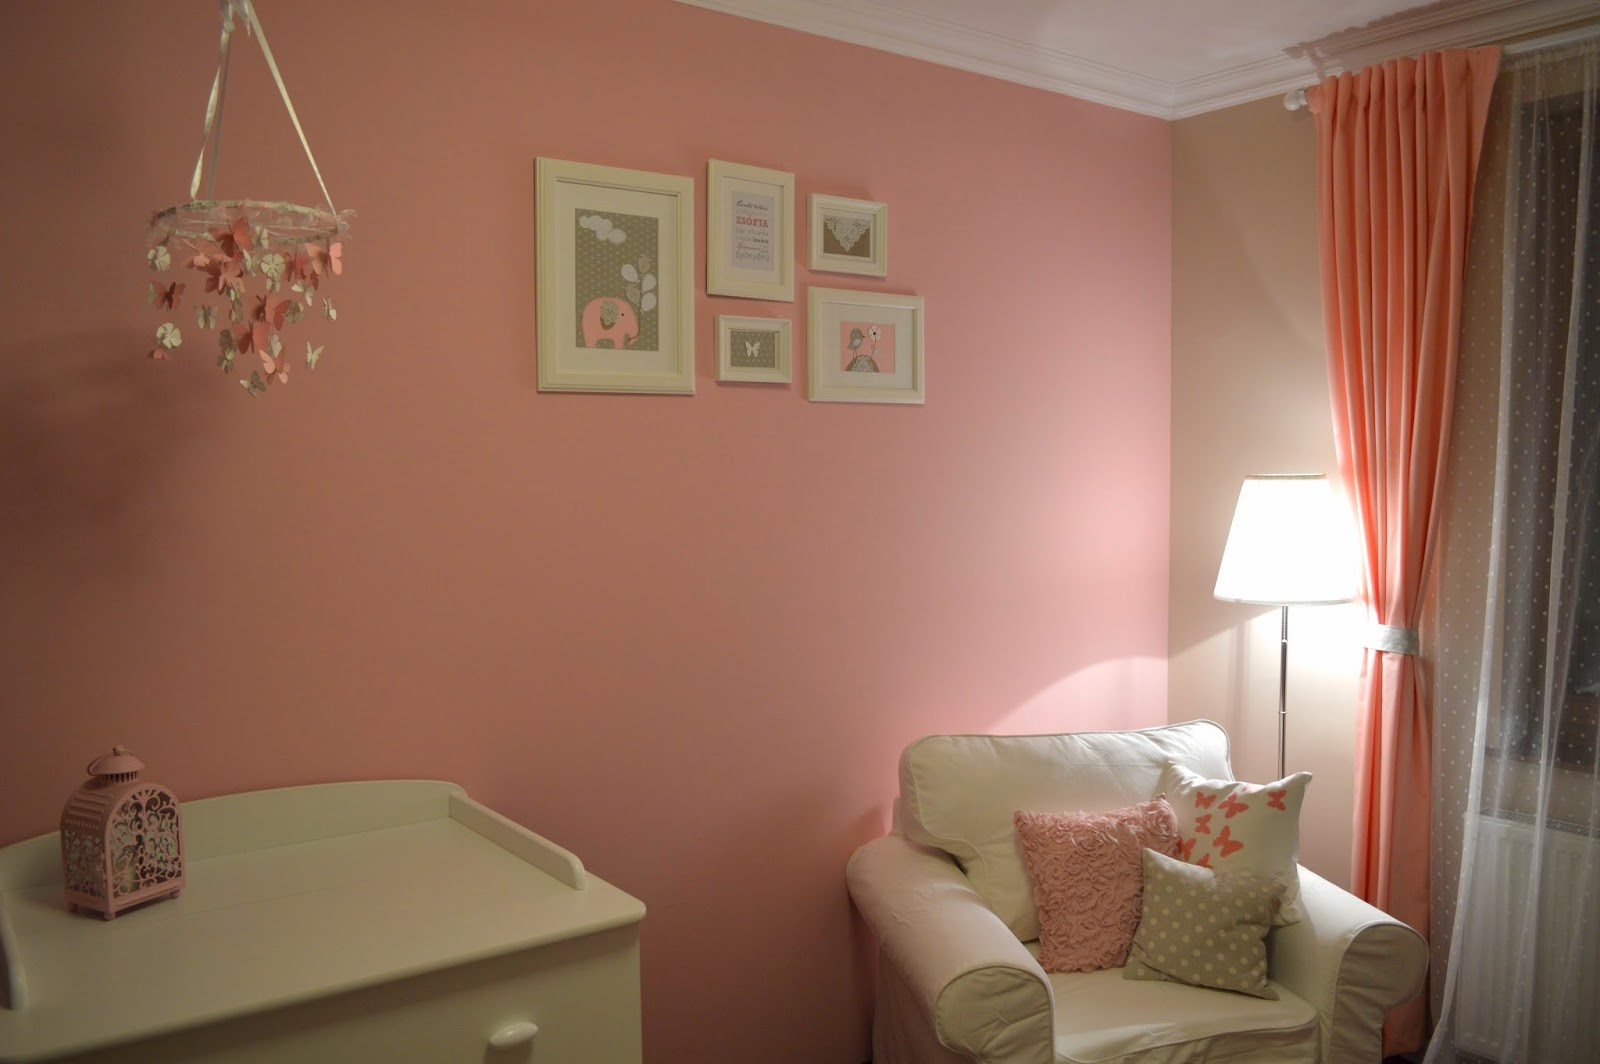 Pöttyös szoba: Zsófia szobája